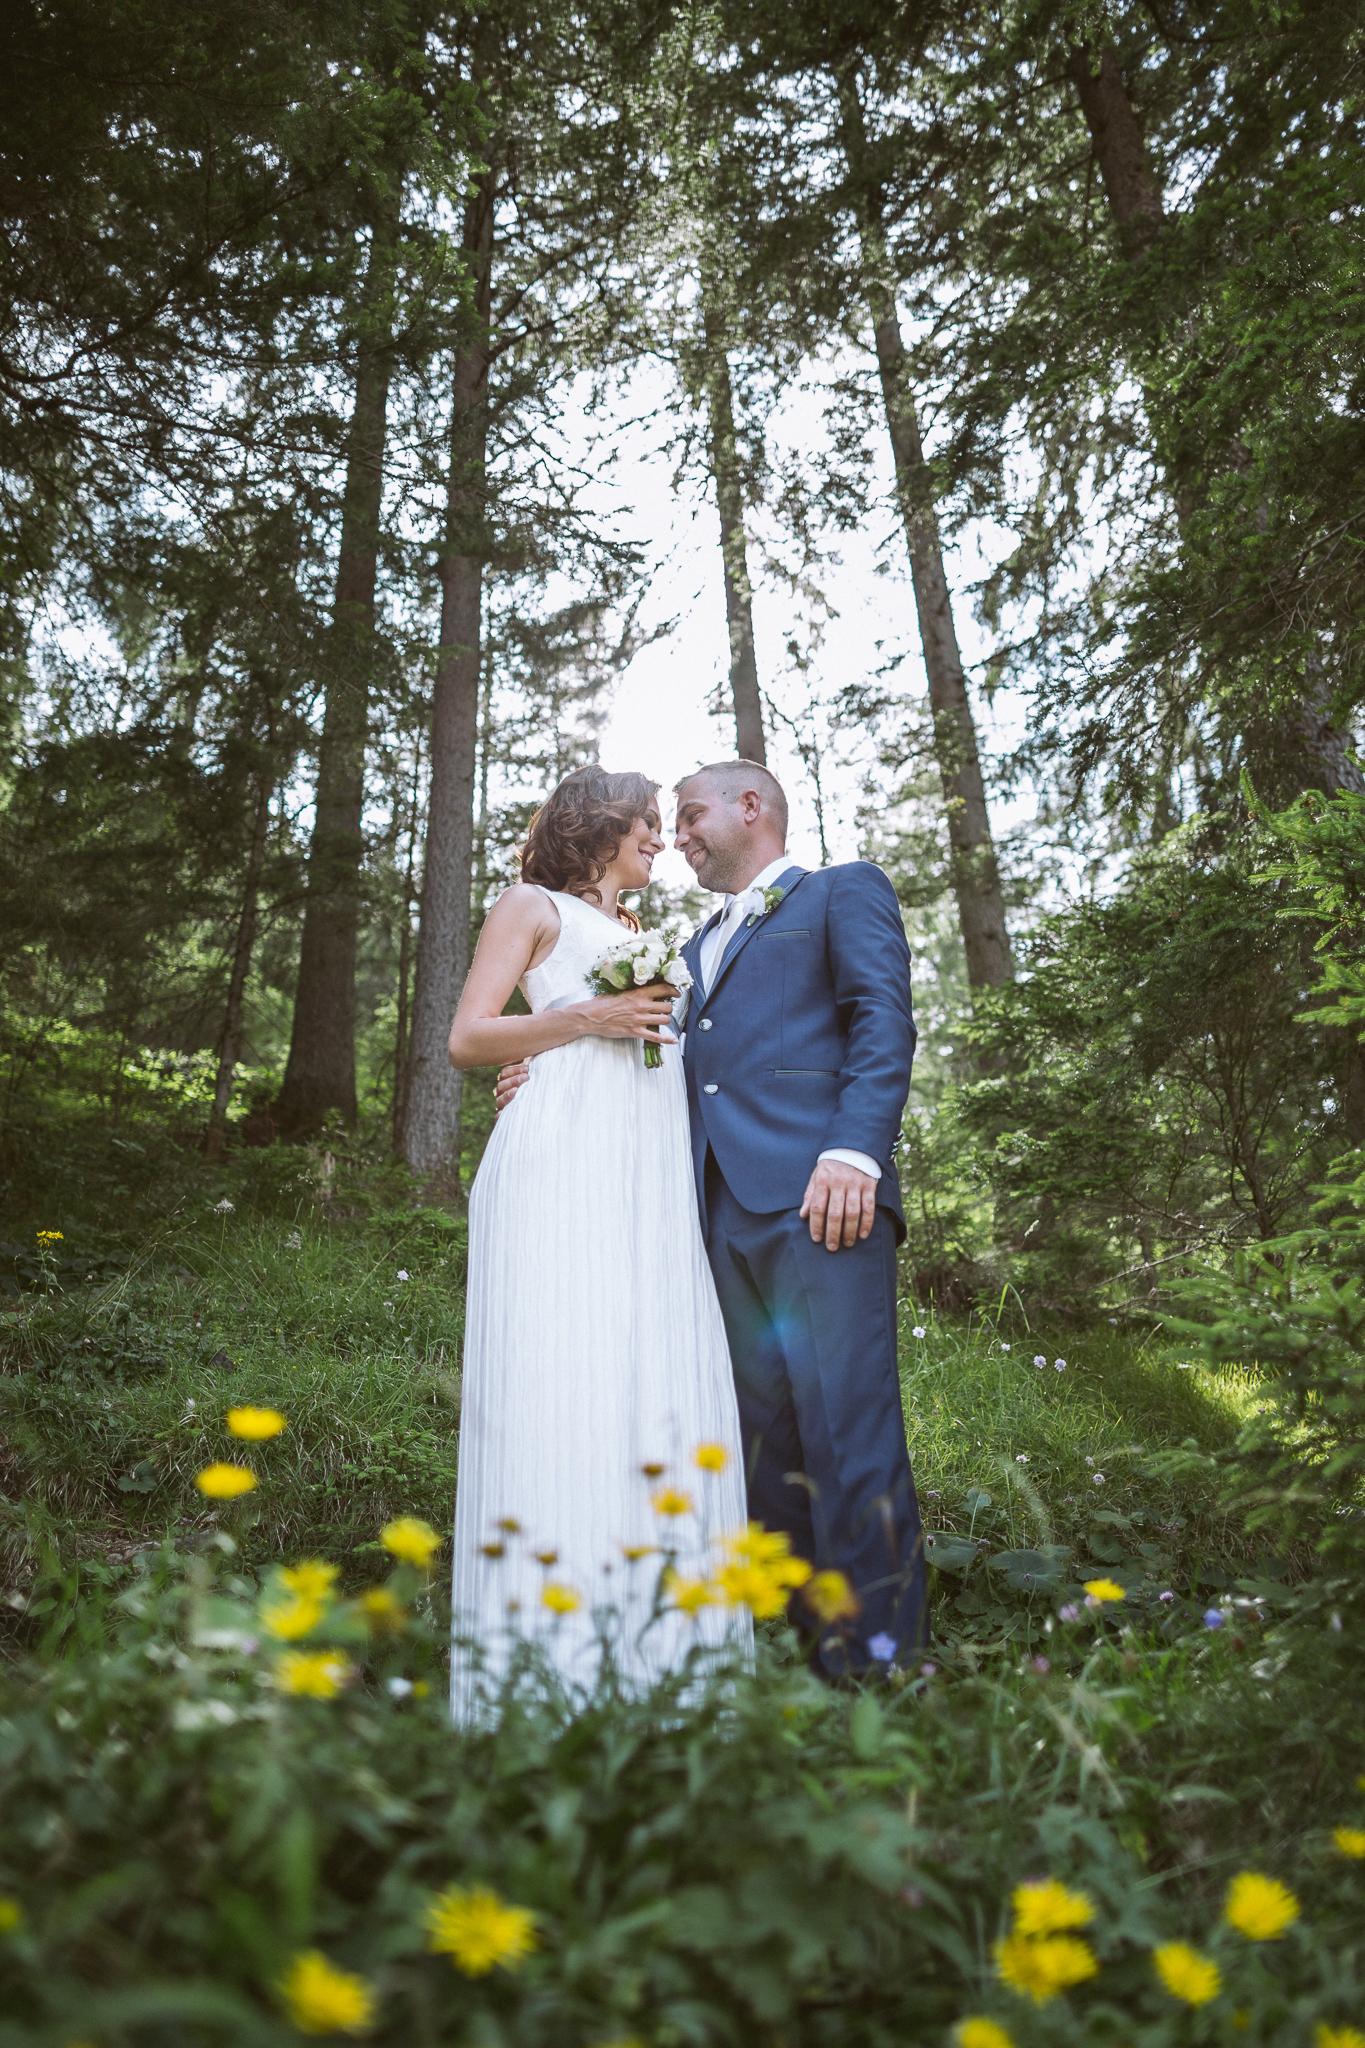 FylepPhoto, esküvőfotózás, magyarország, esküvői fotós, vasmegye, prémium, jegyesfotózás, Fülöp Péter, körmend, kreatív, grüner see_32.jpg